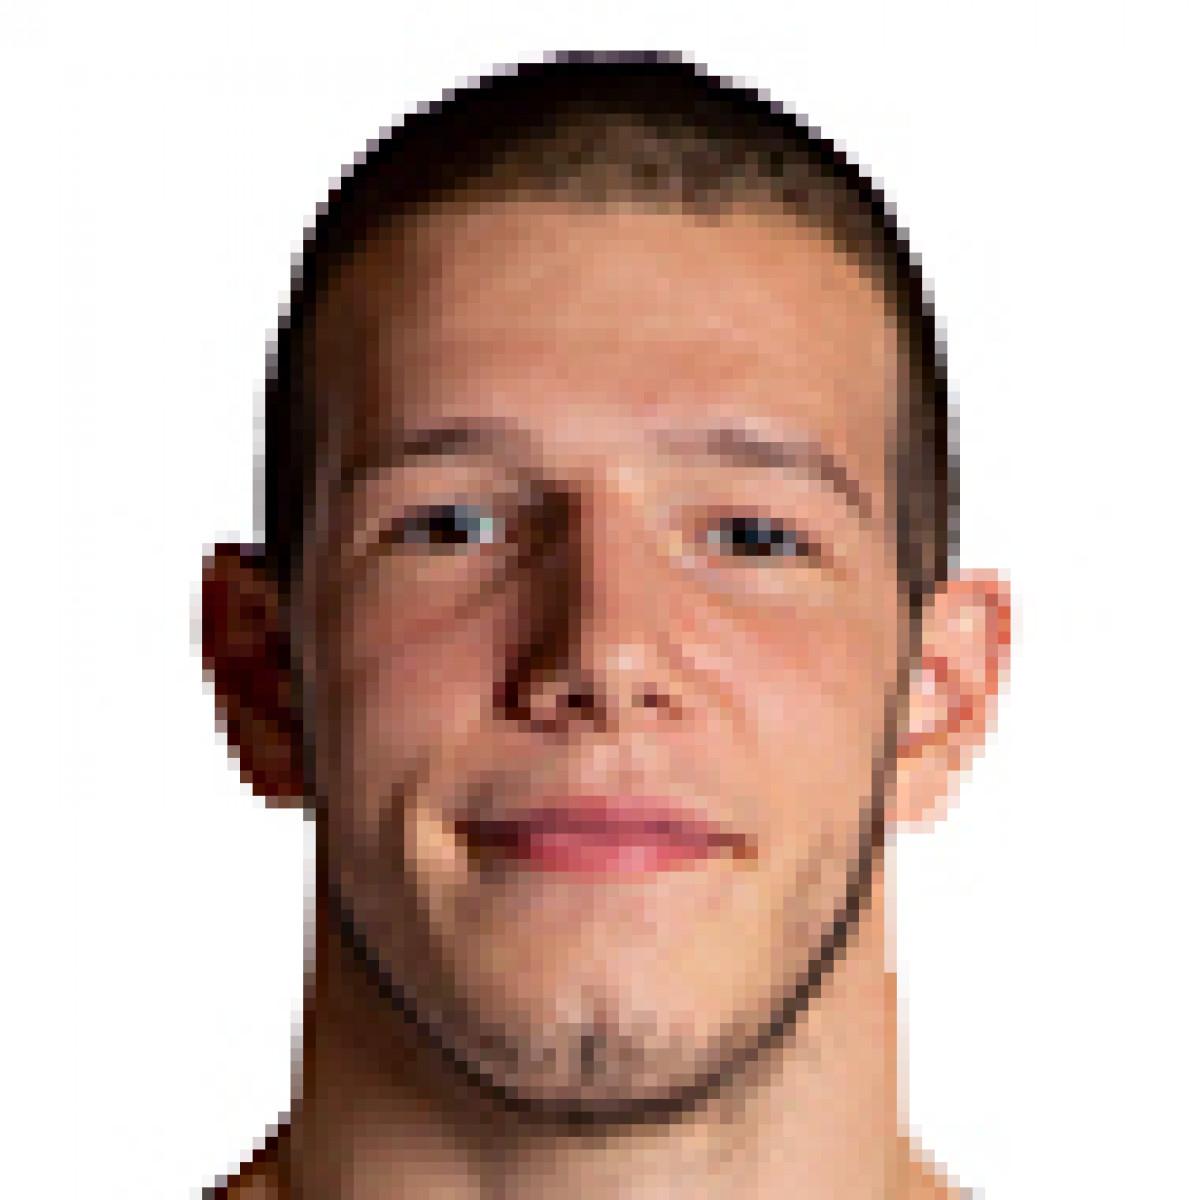 Matej Jelovcic